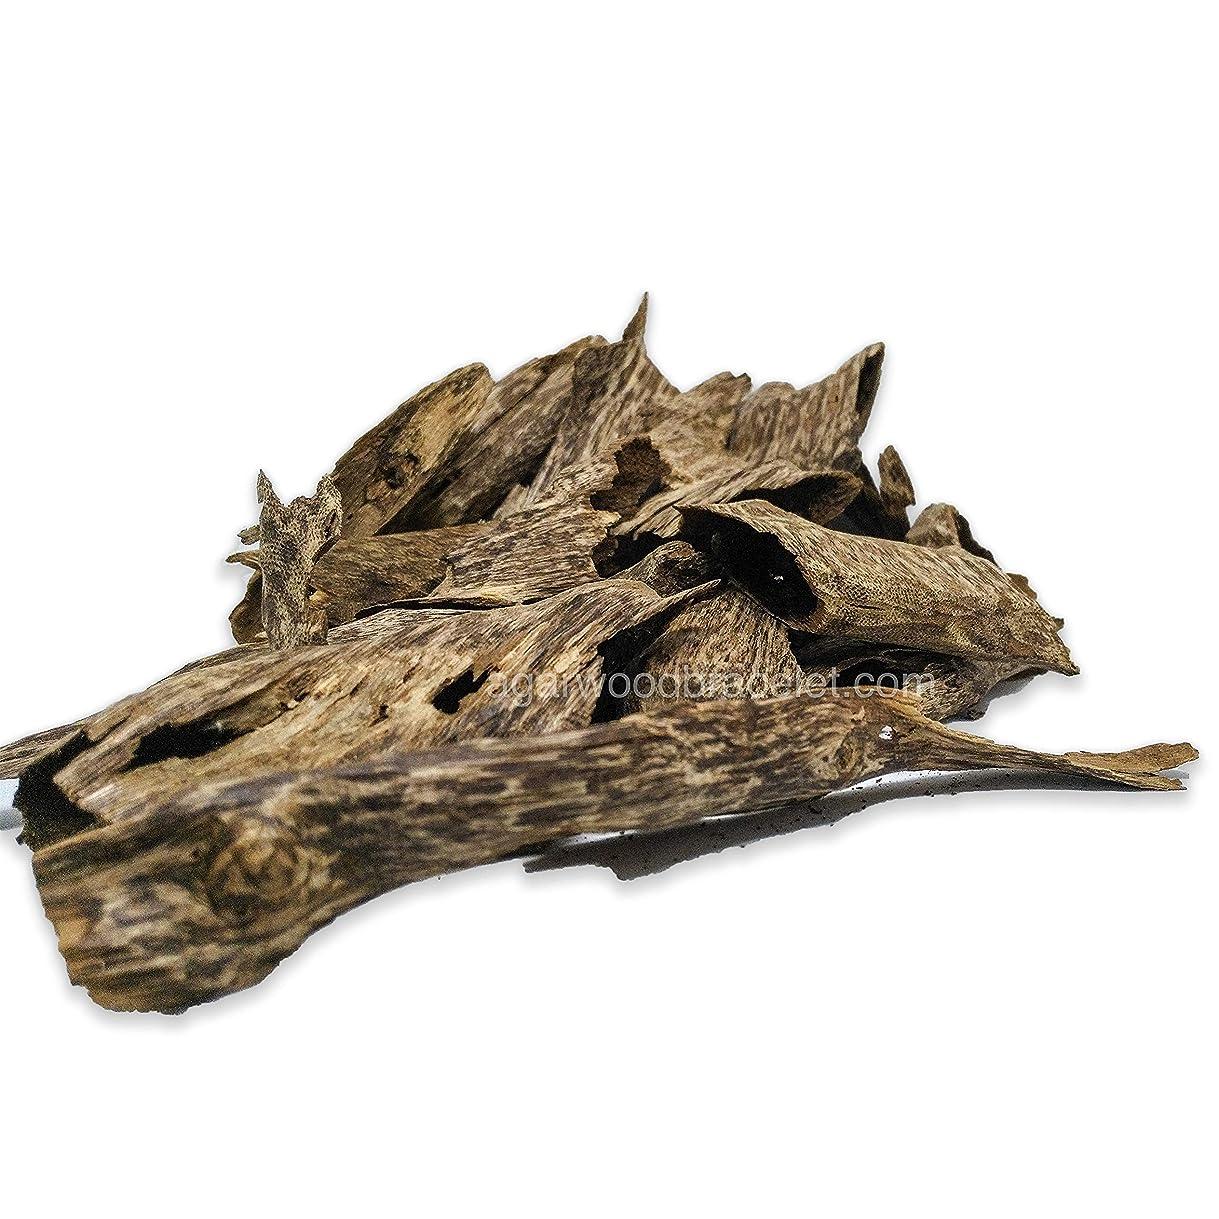 聖域管理者汚れる沈香ブレスレット|高元Natural Wild Agarwood OudチップGrade A + | 100グラム# th52